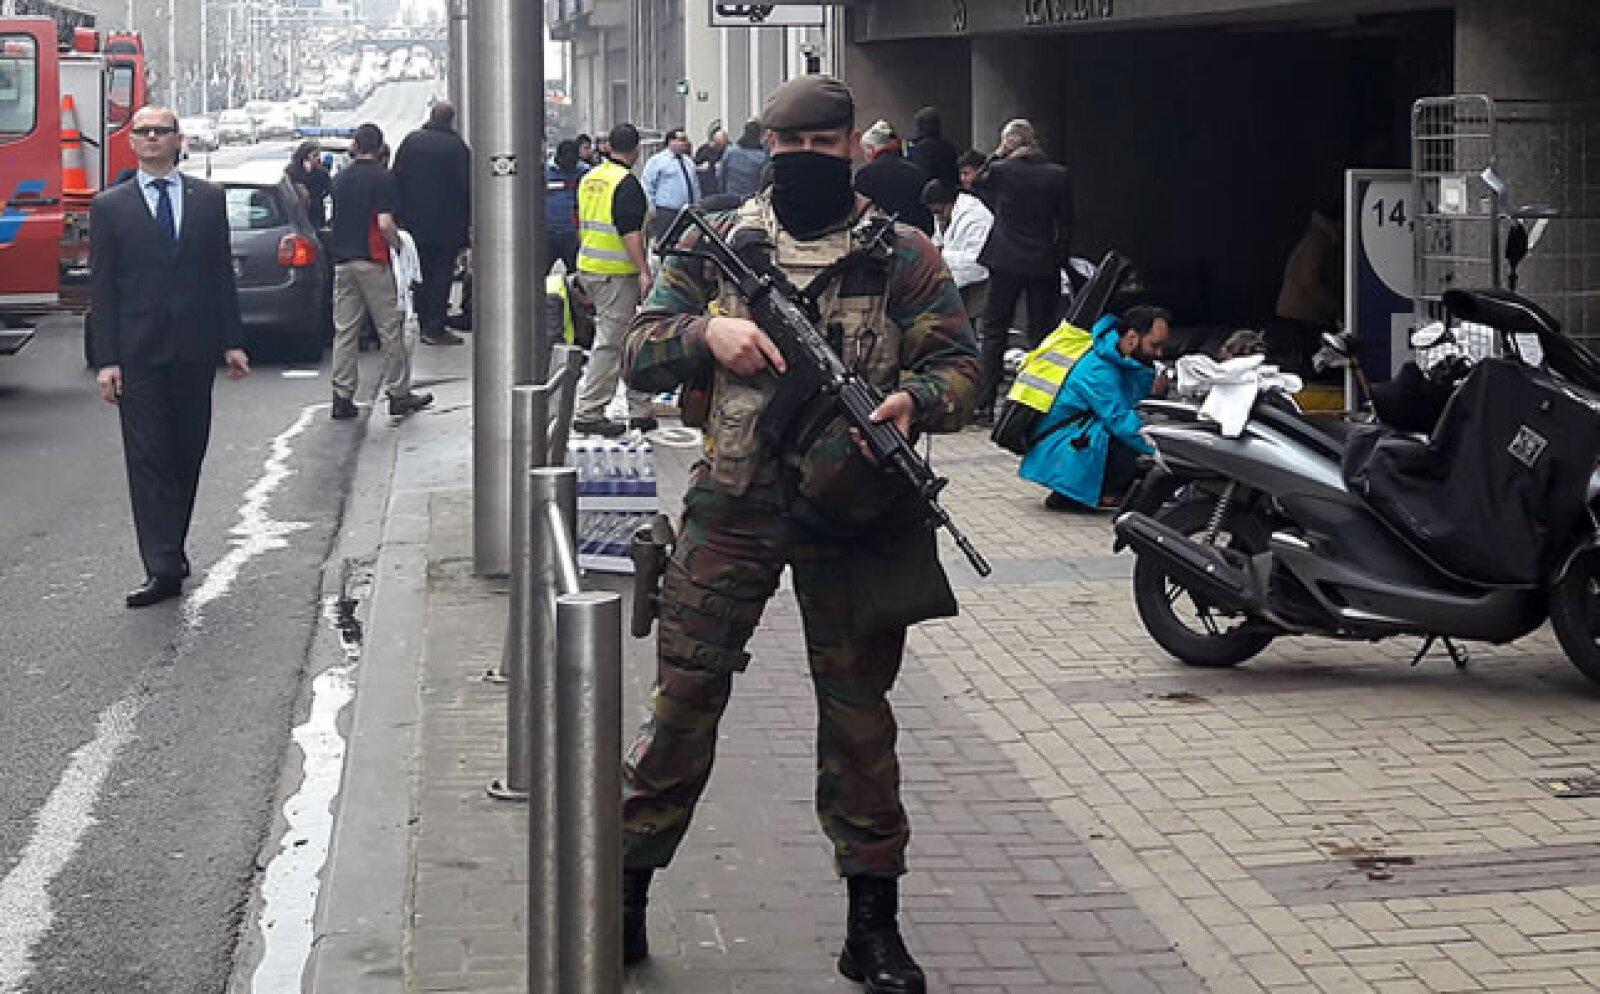 El primer ministro belga elevó el nivel de alerta terrorista a 4 y dijo que se llevarán a cabo restricciones en el transporte público.